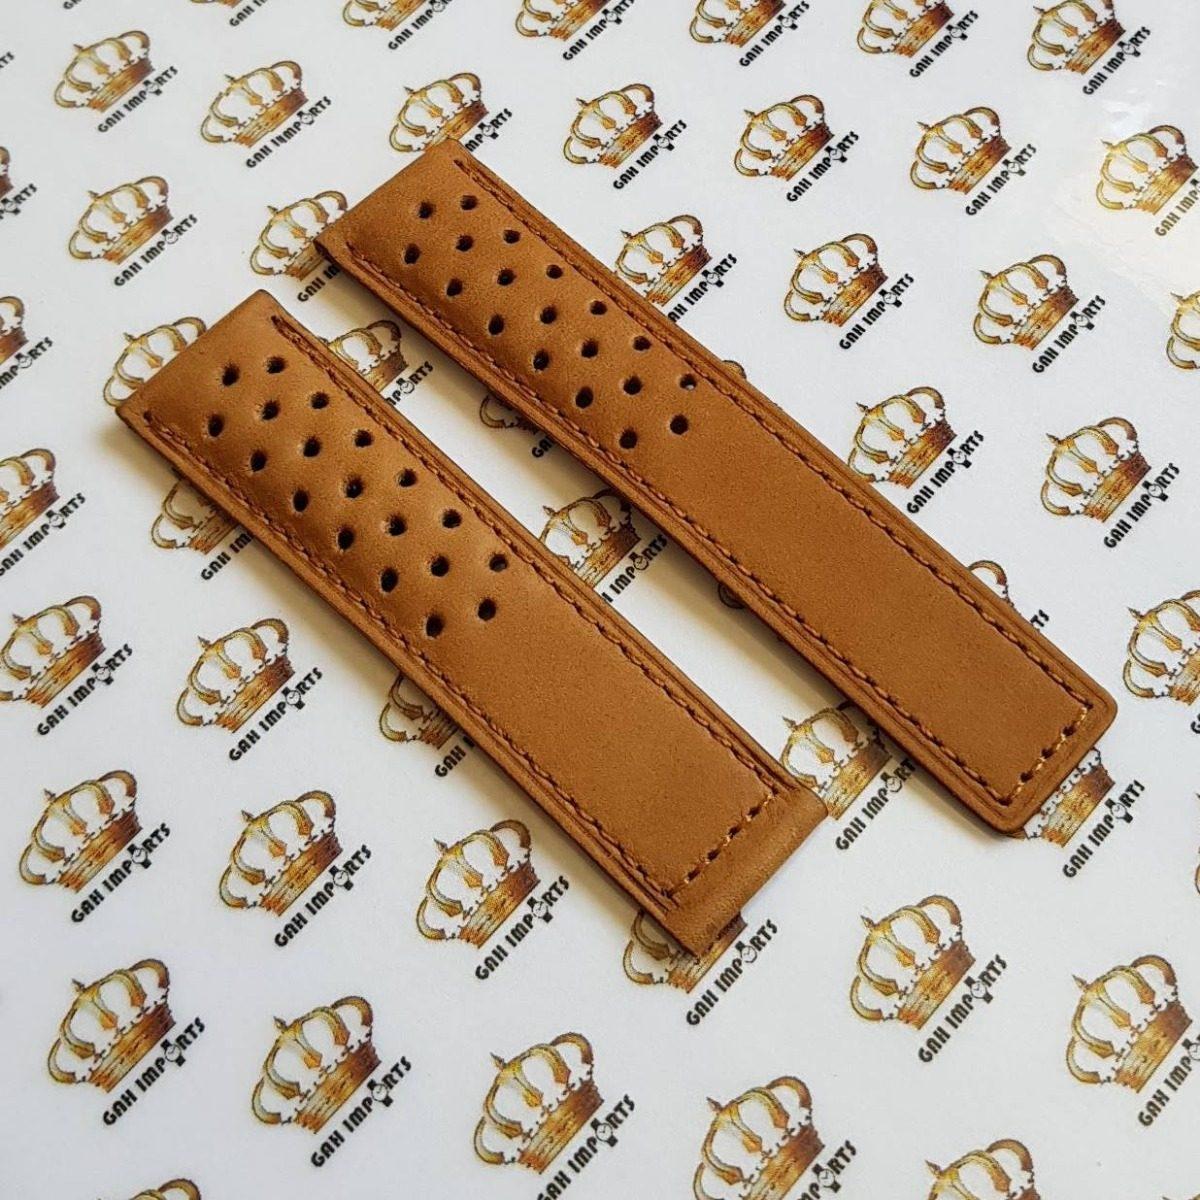 Pulseira Tag Heuer Space X Em Couro Marrom 22 20 M R 7900 Leather Carregando Zoom